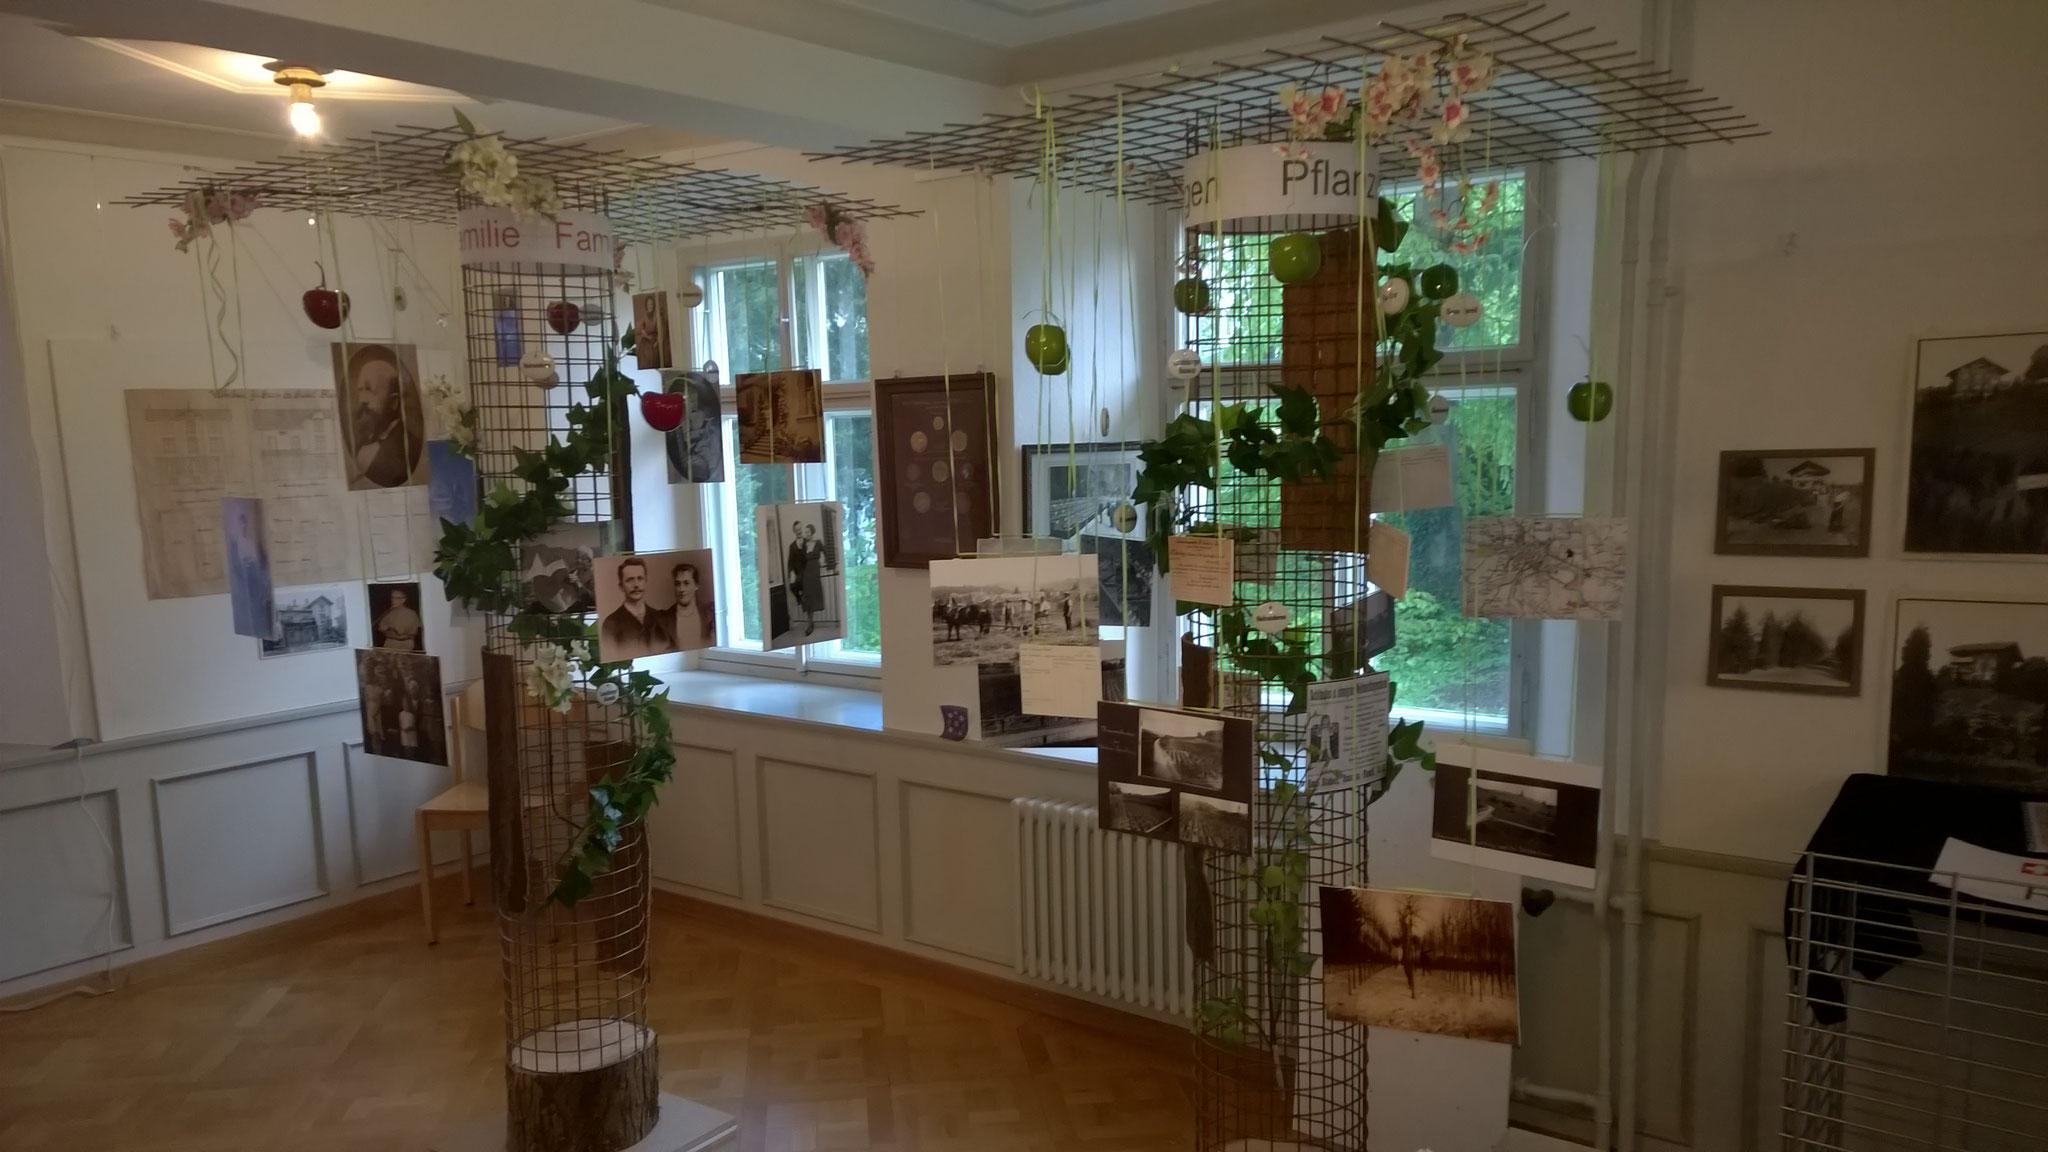 Der Saal ist meist mit Wechselausstellungen belegt, zwischendurch eignet er sich aber auch...